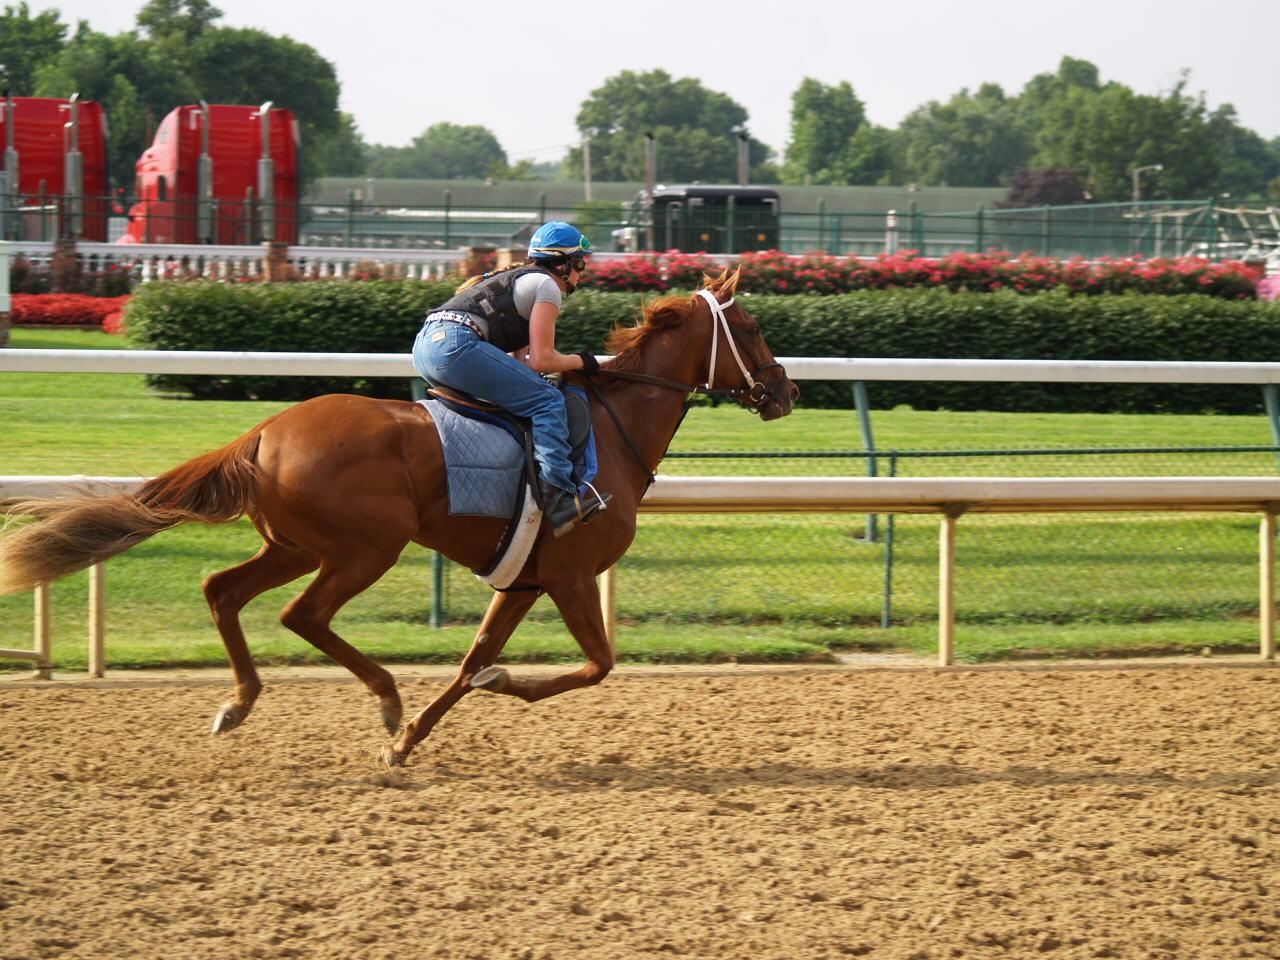 kentucky horse racing 2